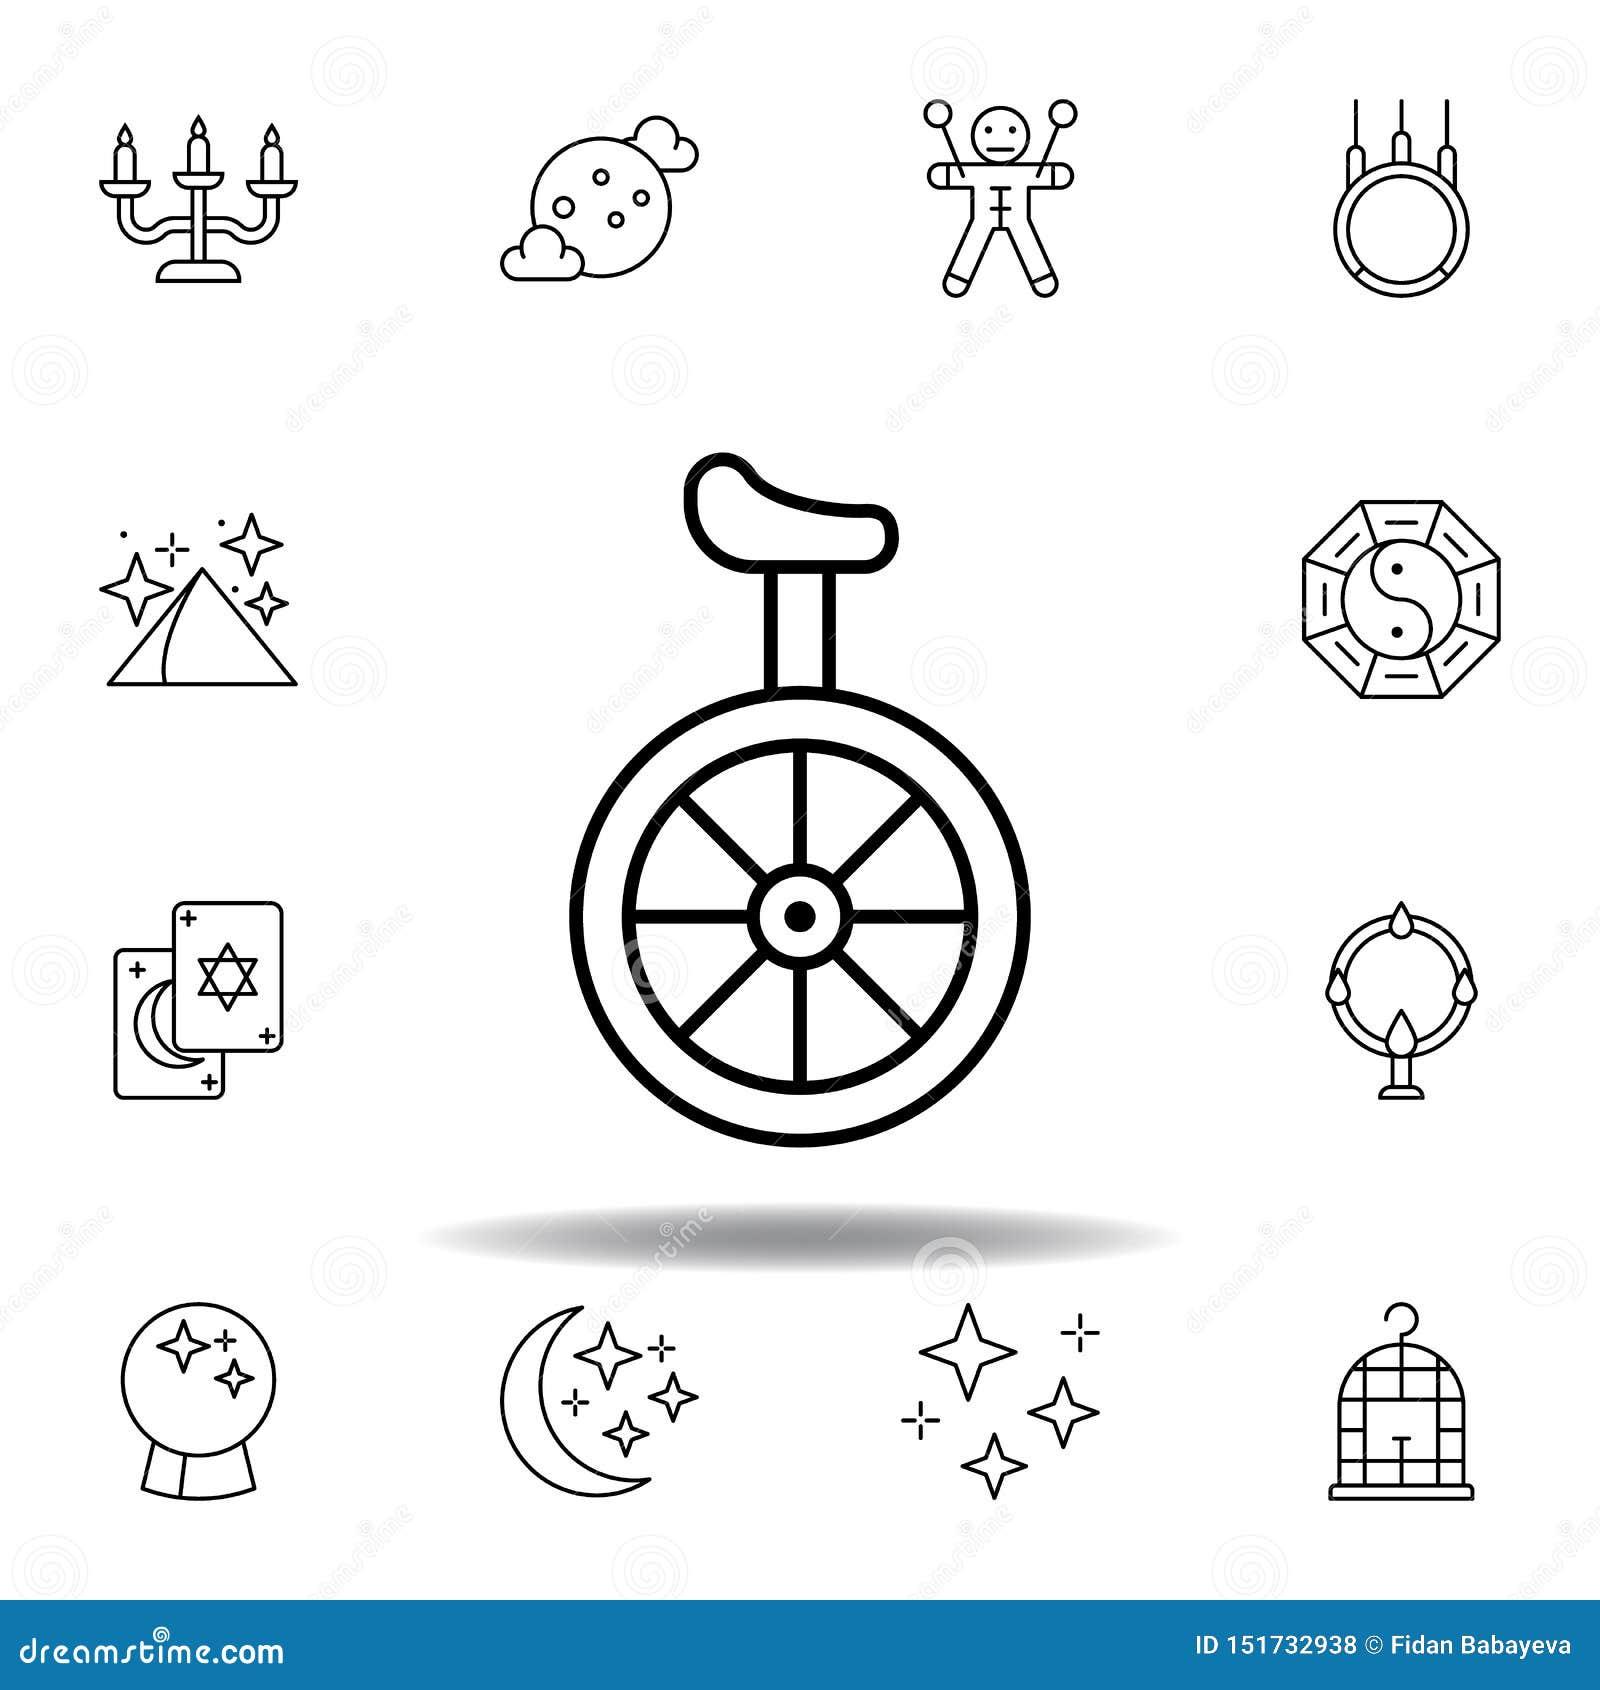 Icono m?gico del esquema del transporte del unicycle elementos de la línea mágica icono del ejemplo las muestras, símbolos se pue